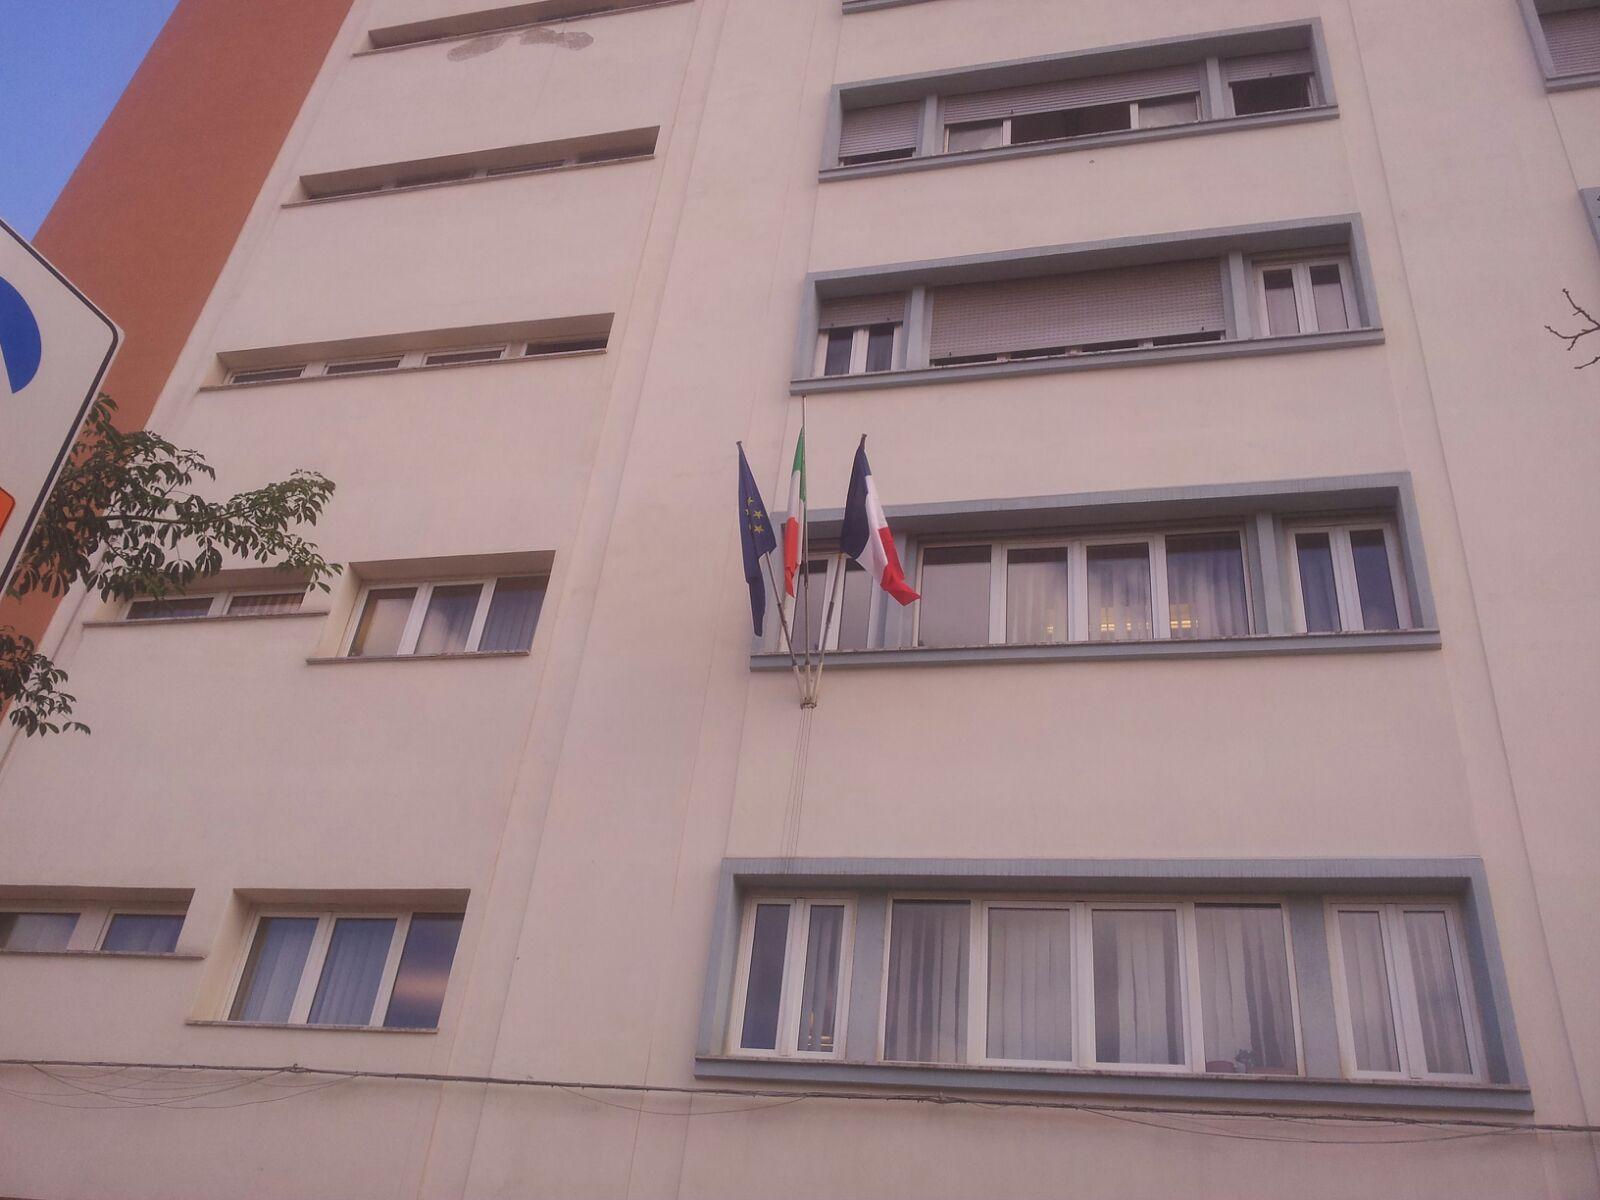 Convocazione per martedi 23.01.2018, ore 10,30, della Commissione giudicatrice per la Gara a procedura aperta, ai sensi dell'art. 60 del D.Lgs. 50/2016 e s.m.i., per l'affidamento del servizio di tesoreria/cassa dell'Ente Regionale per il diritti allo Studio Universitario di Palermo, per il periodo 01/01/2018-31/12/2020. CIG: ZEB20798DD. CPV: 66600000-6